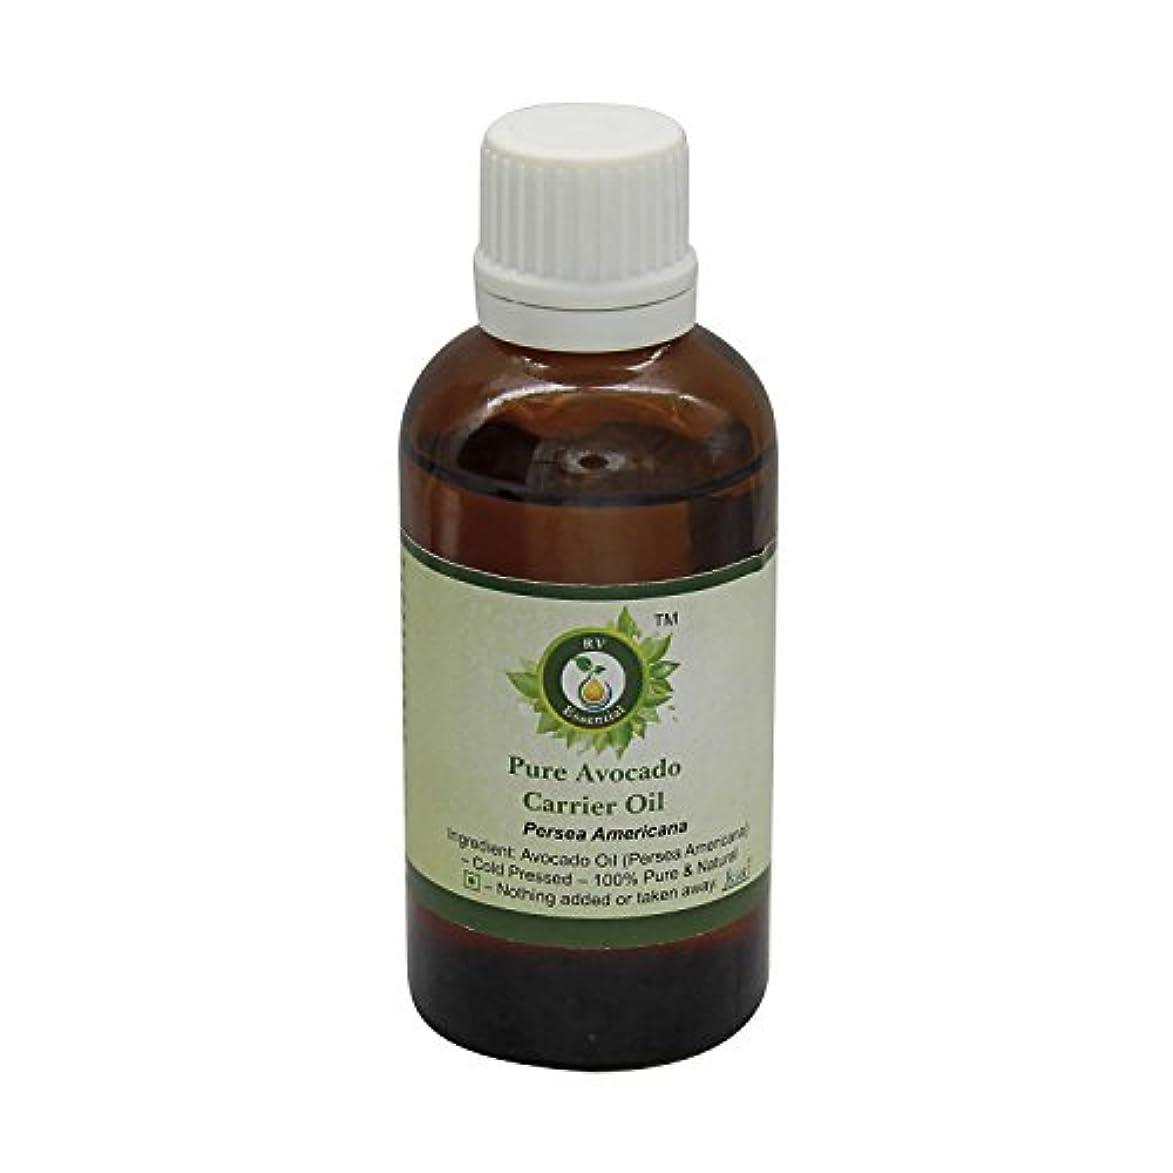 省略単語別々にR V Essential ピュアアボカドキャリアオイル15ml (0.507oz)- Persea Americana (100%ピュア&ナチュラルコールドPressed) Pure Avocado Carrier Oil